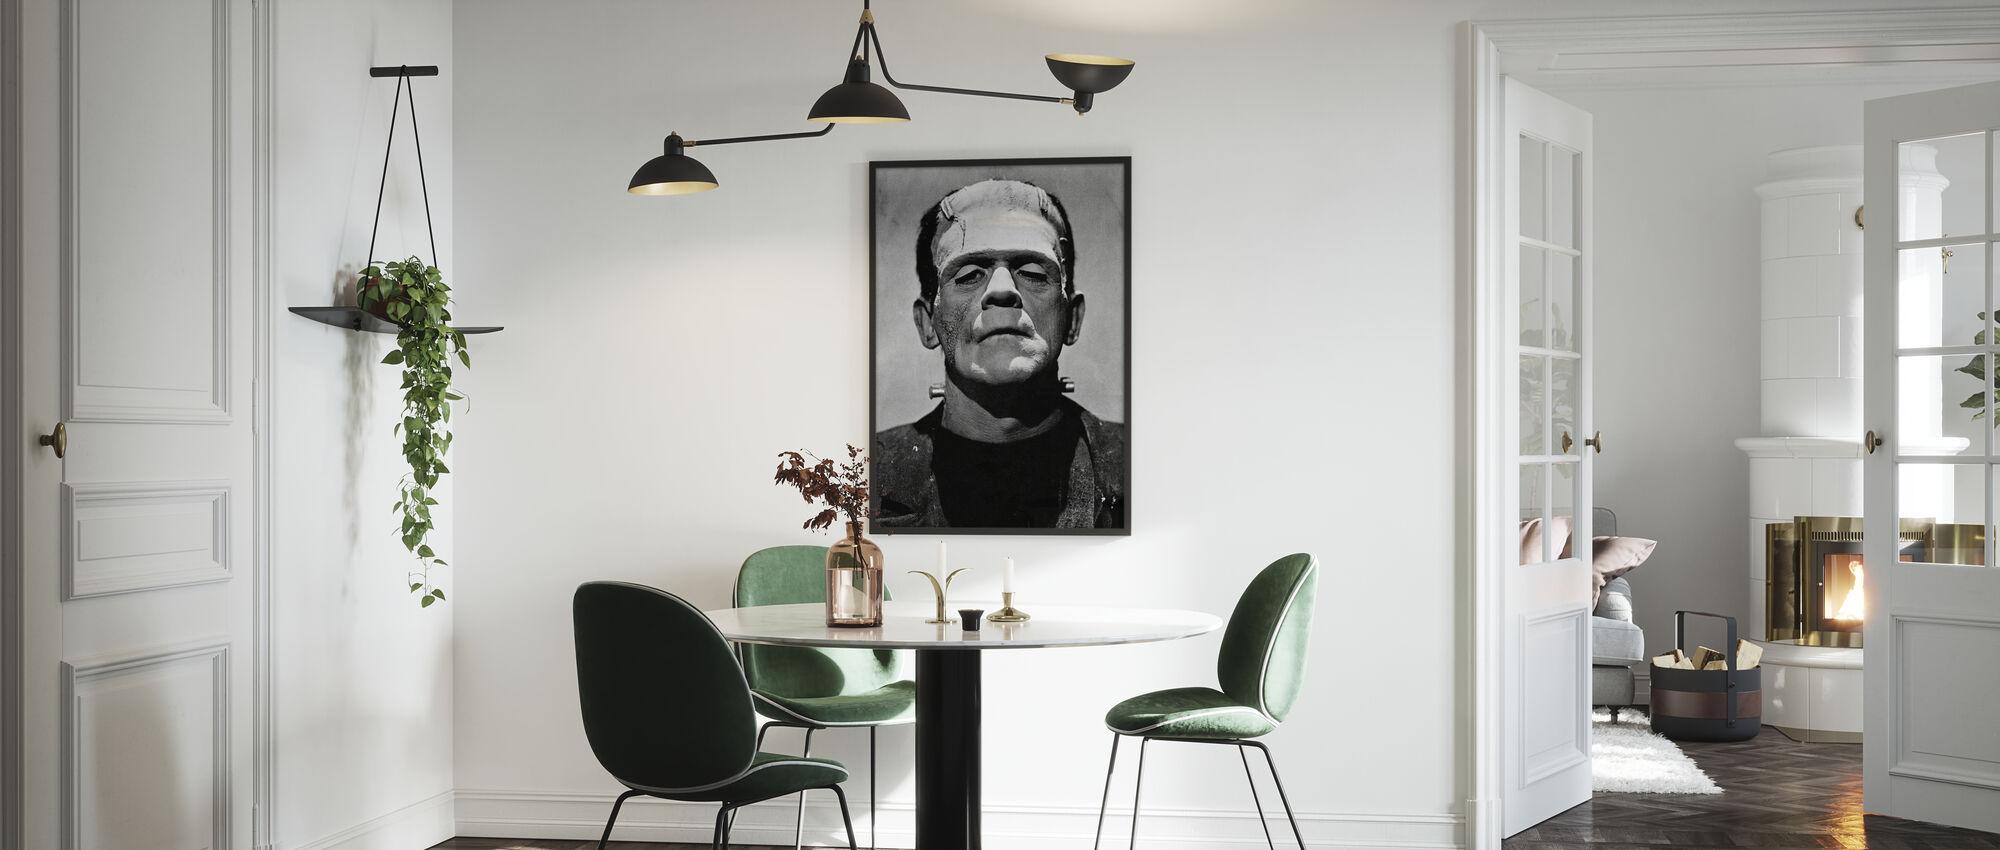 Bruid van Frankenstein - Poster - Keuken